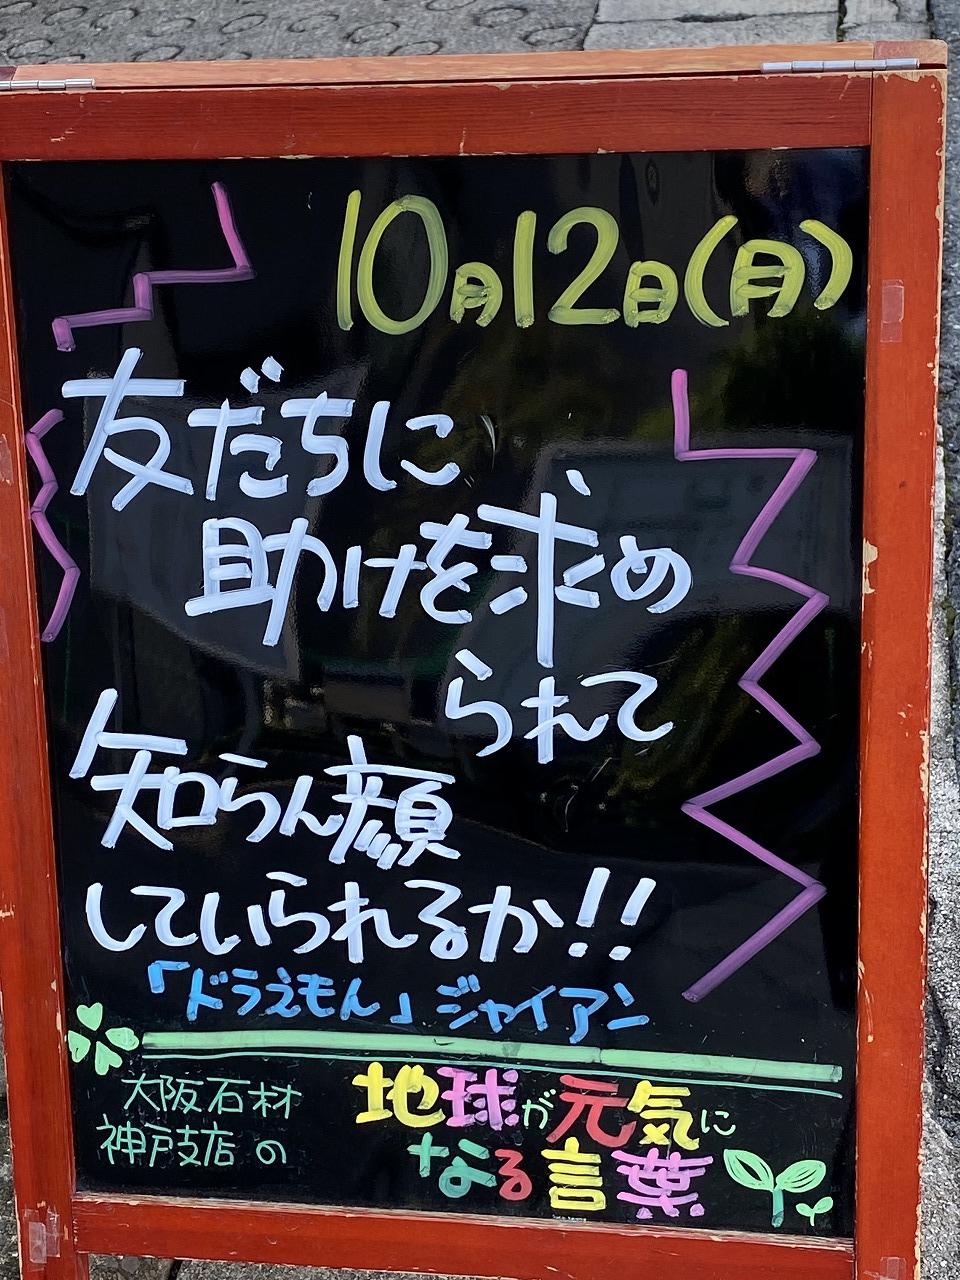 神戸の墓石店「地球が元気になる言葉」の写真 2020年10月12日